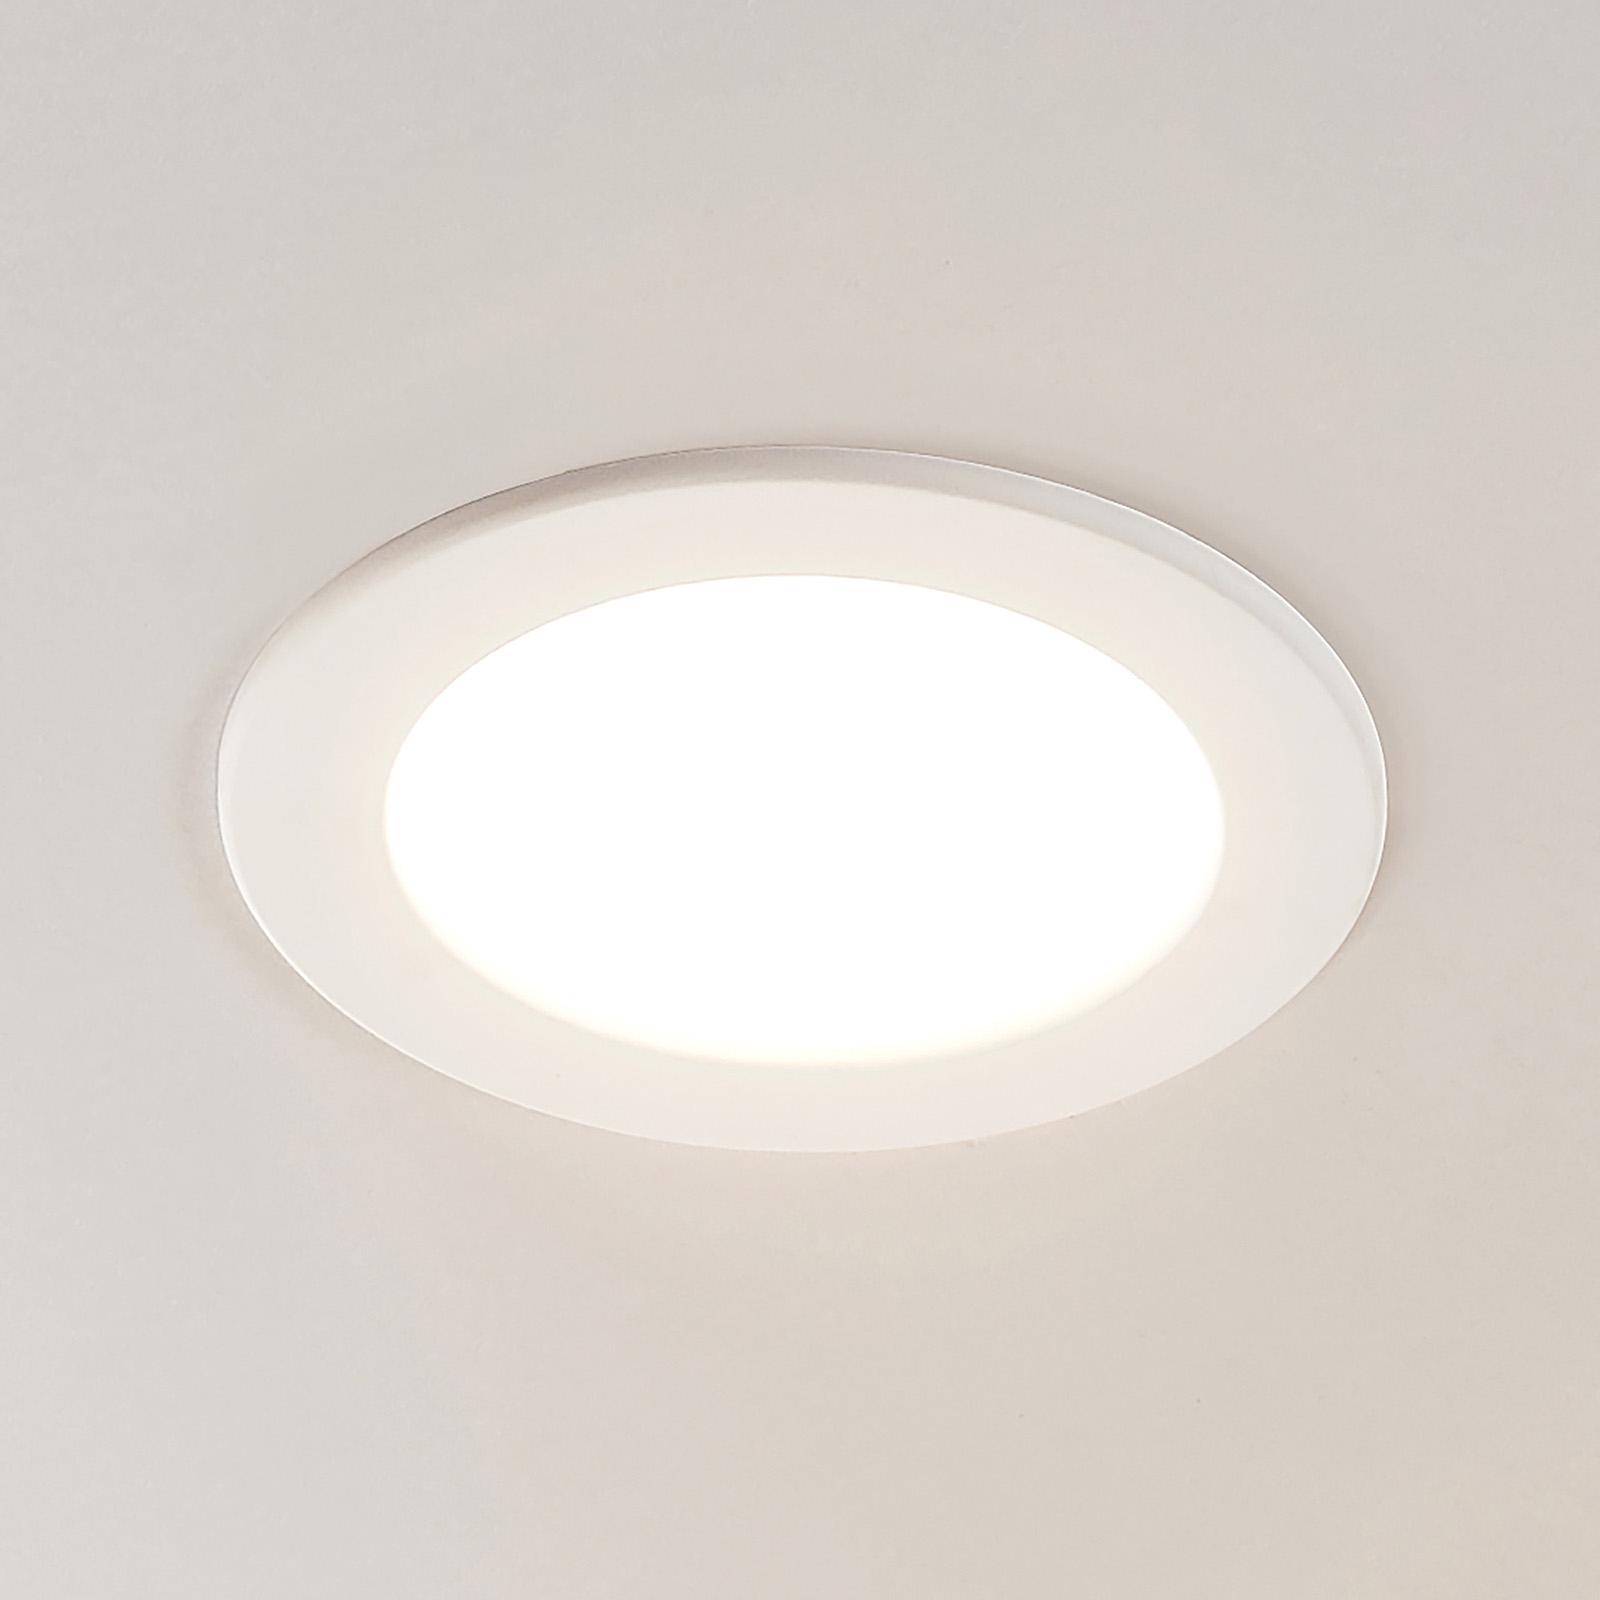 LED podhledové svítidlo Joki 3000K kulaté 17cm